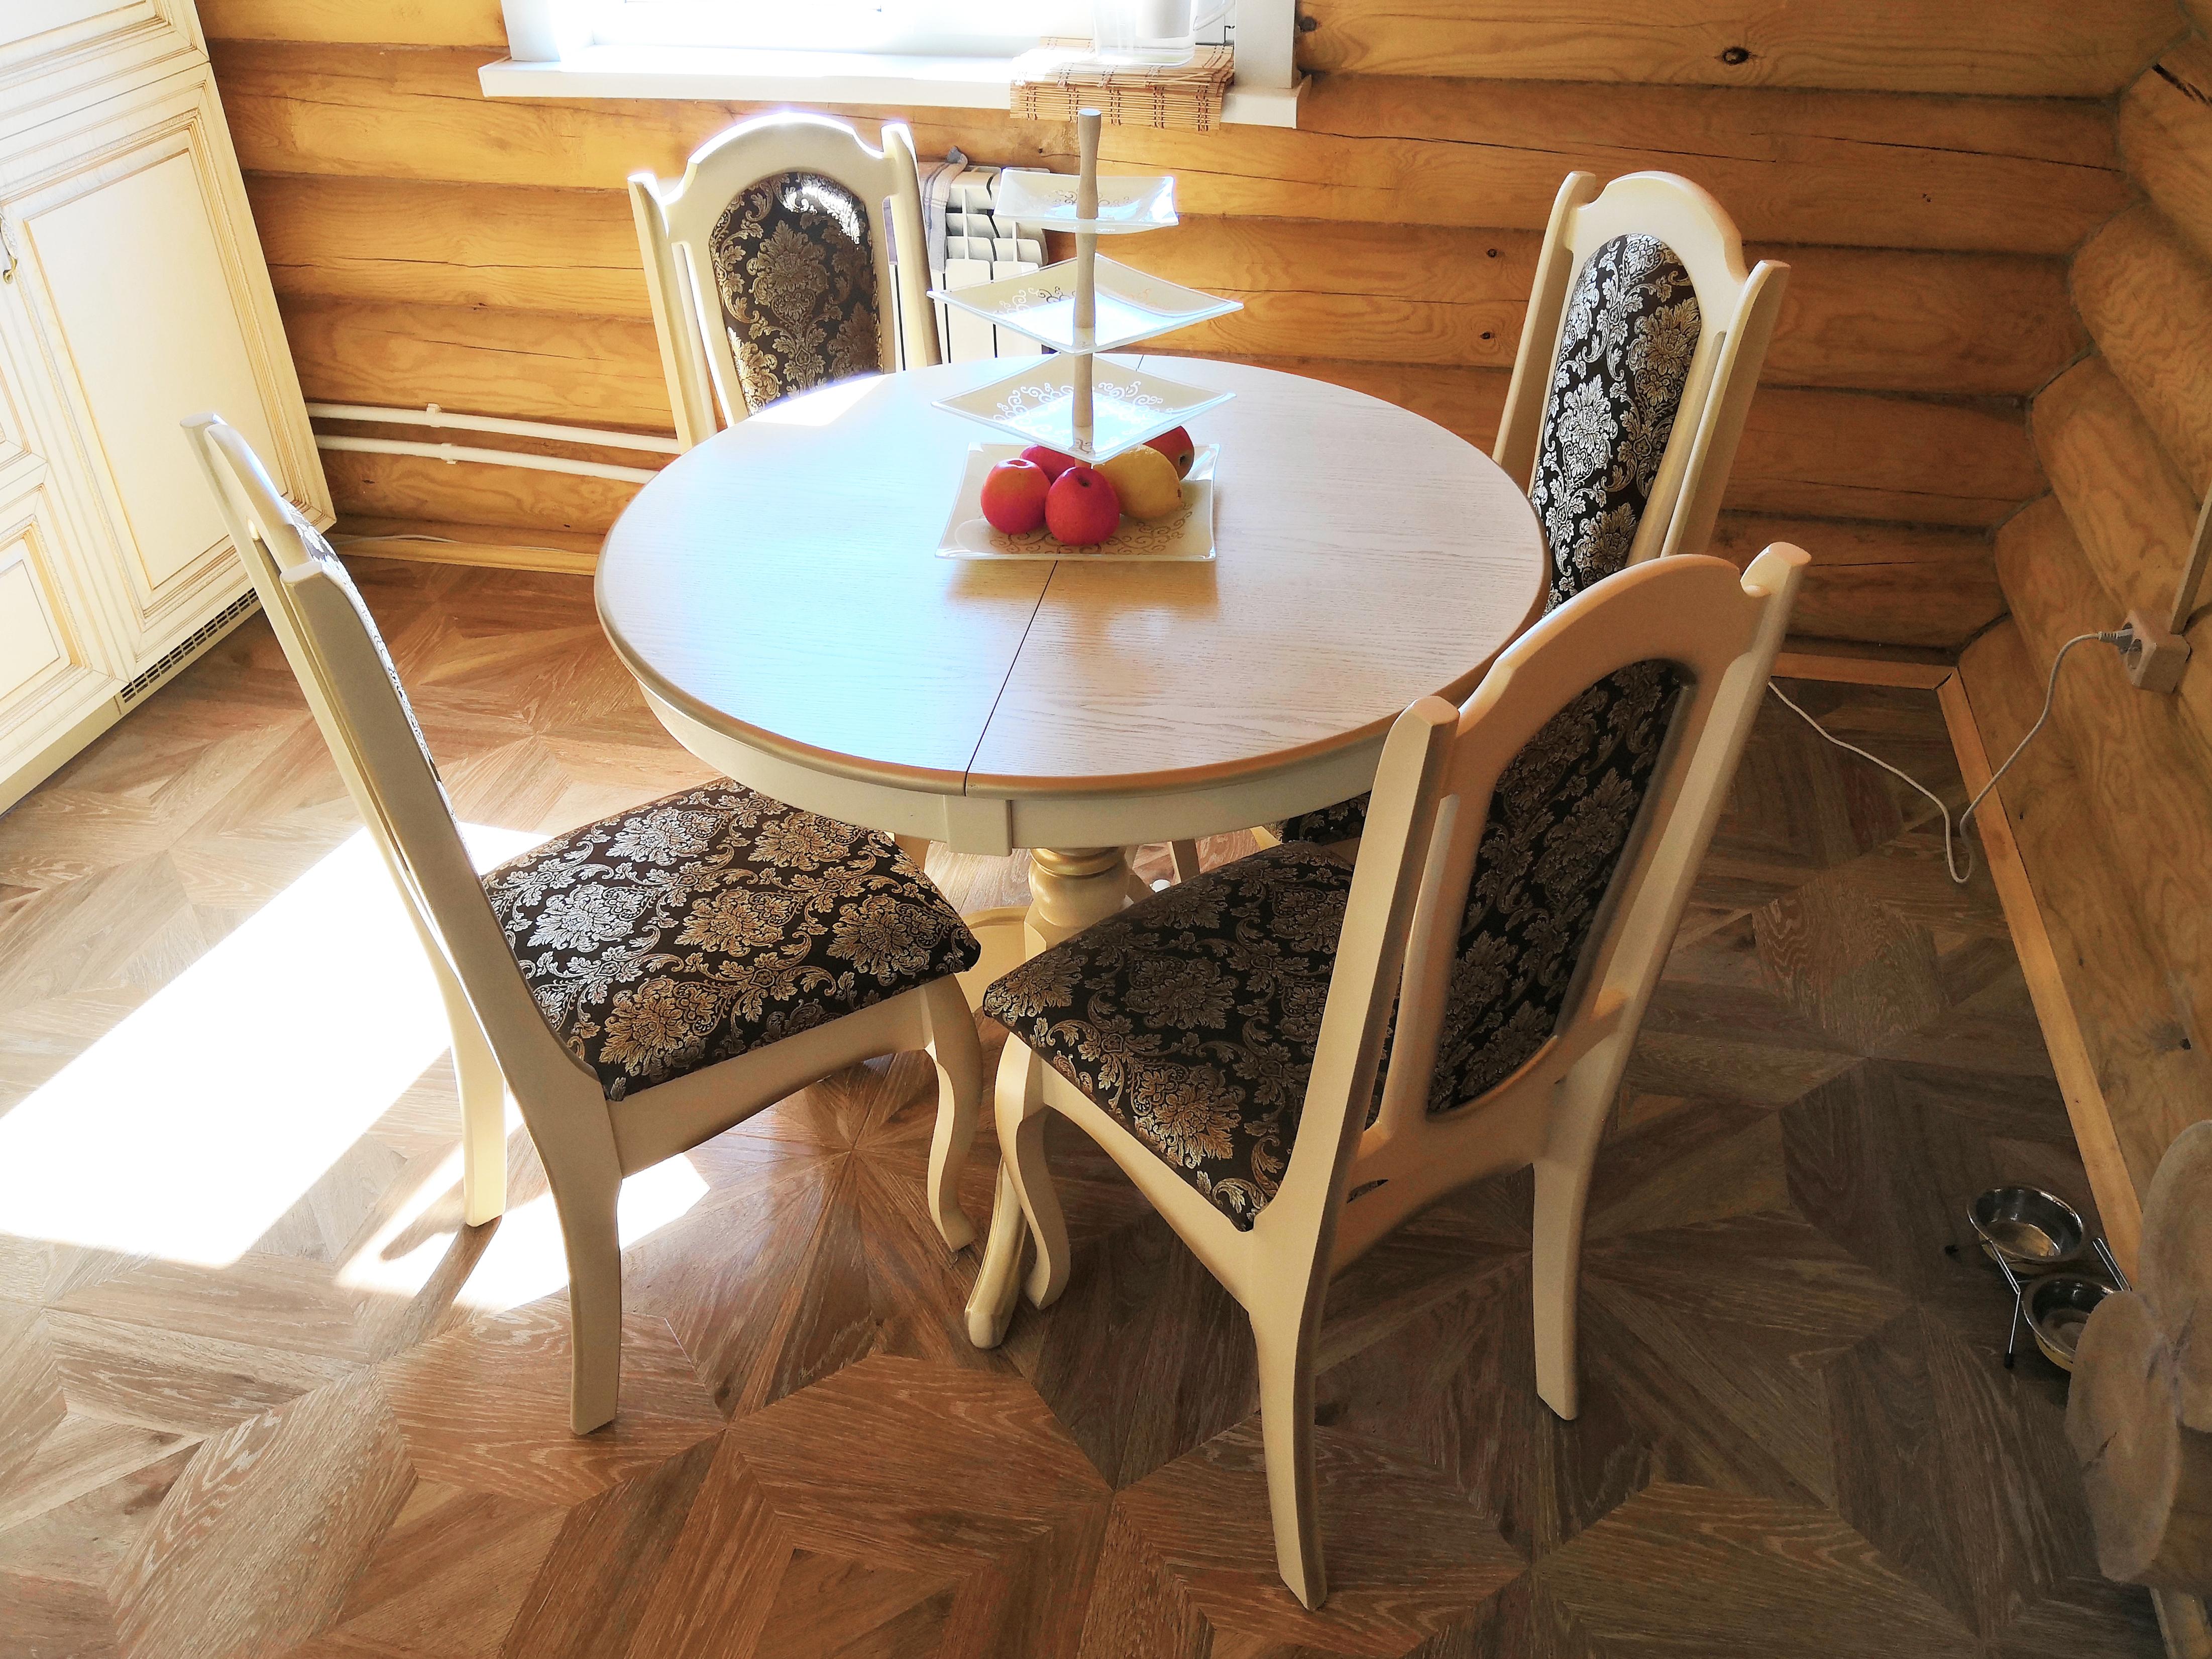 столы и стулья из массива дерева